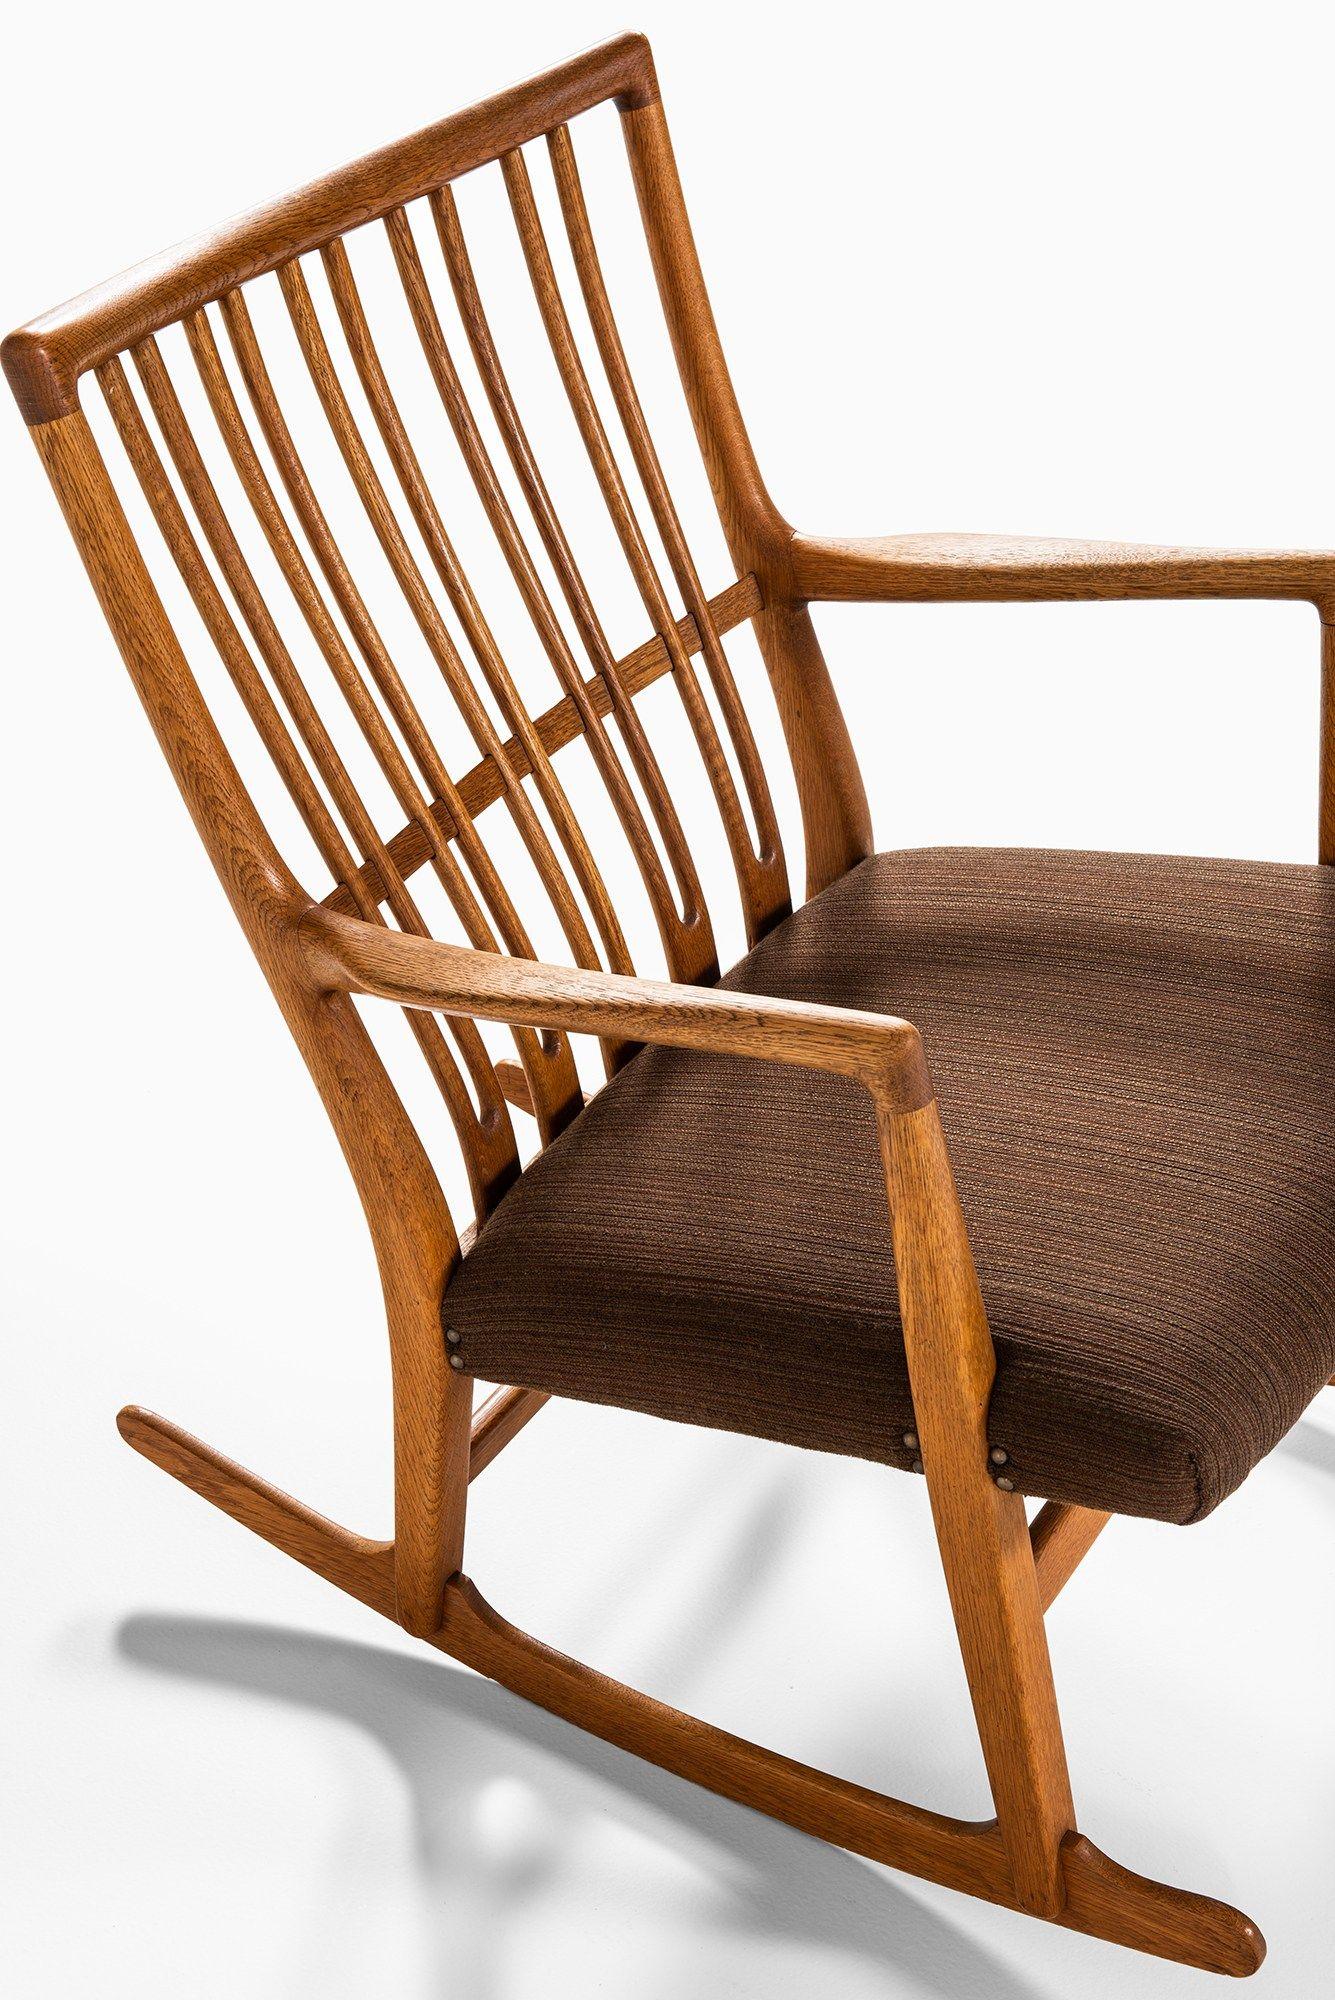 Hans Wegner Rocking Chair Covers Bulk Buy Creative Make Pinterest Model Ml 33 At Studio Schalling